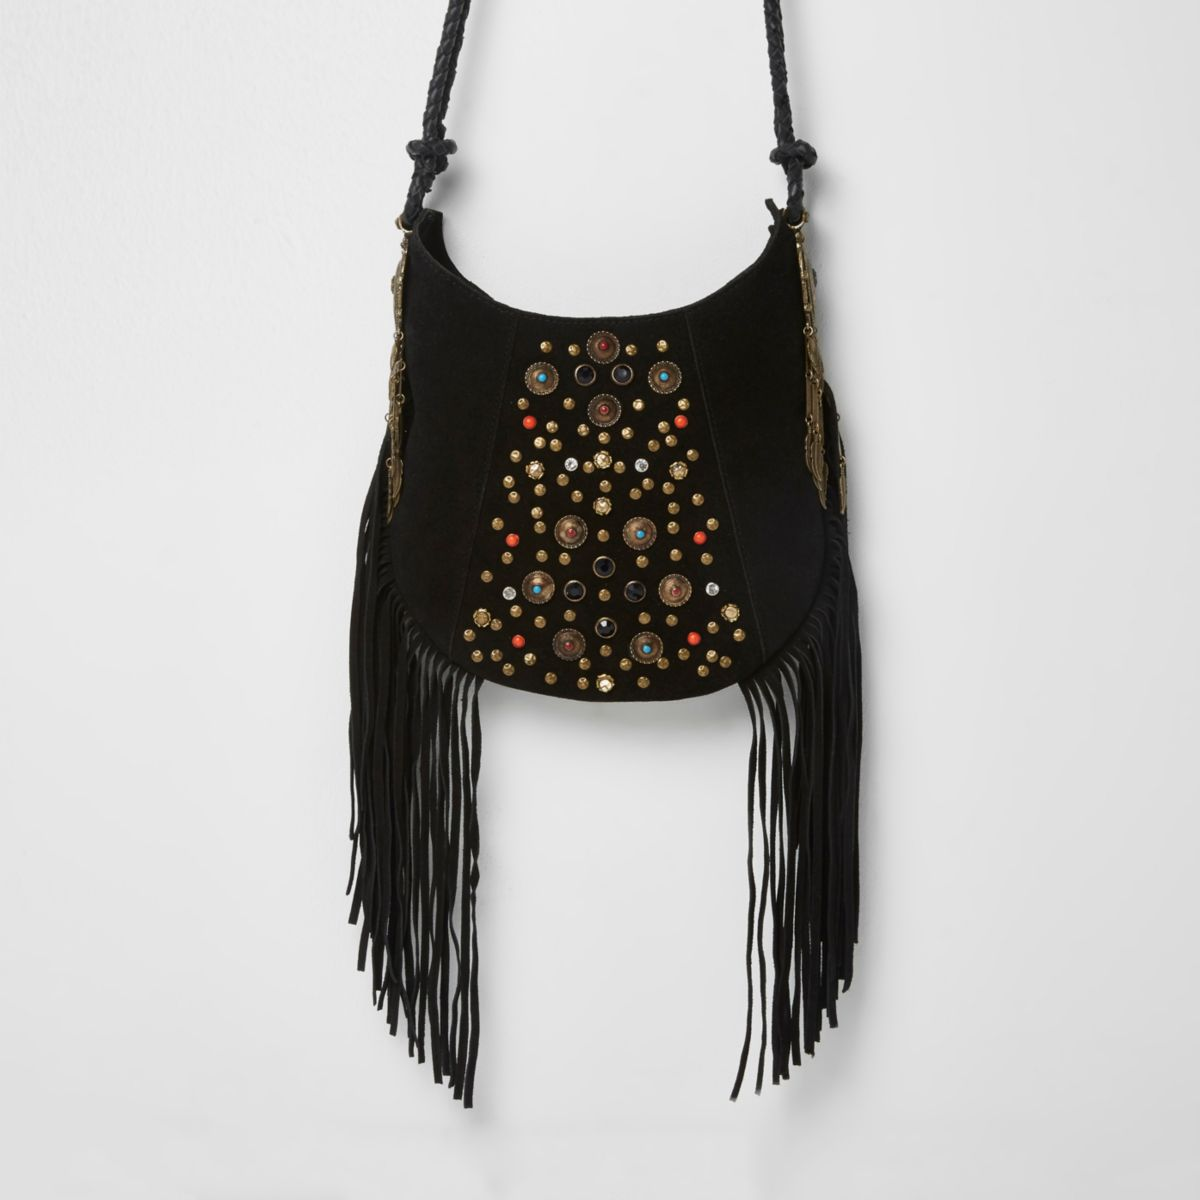 Studded Crossbody Bag With Fringe